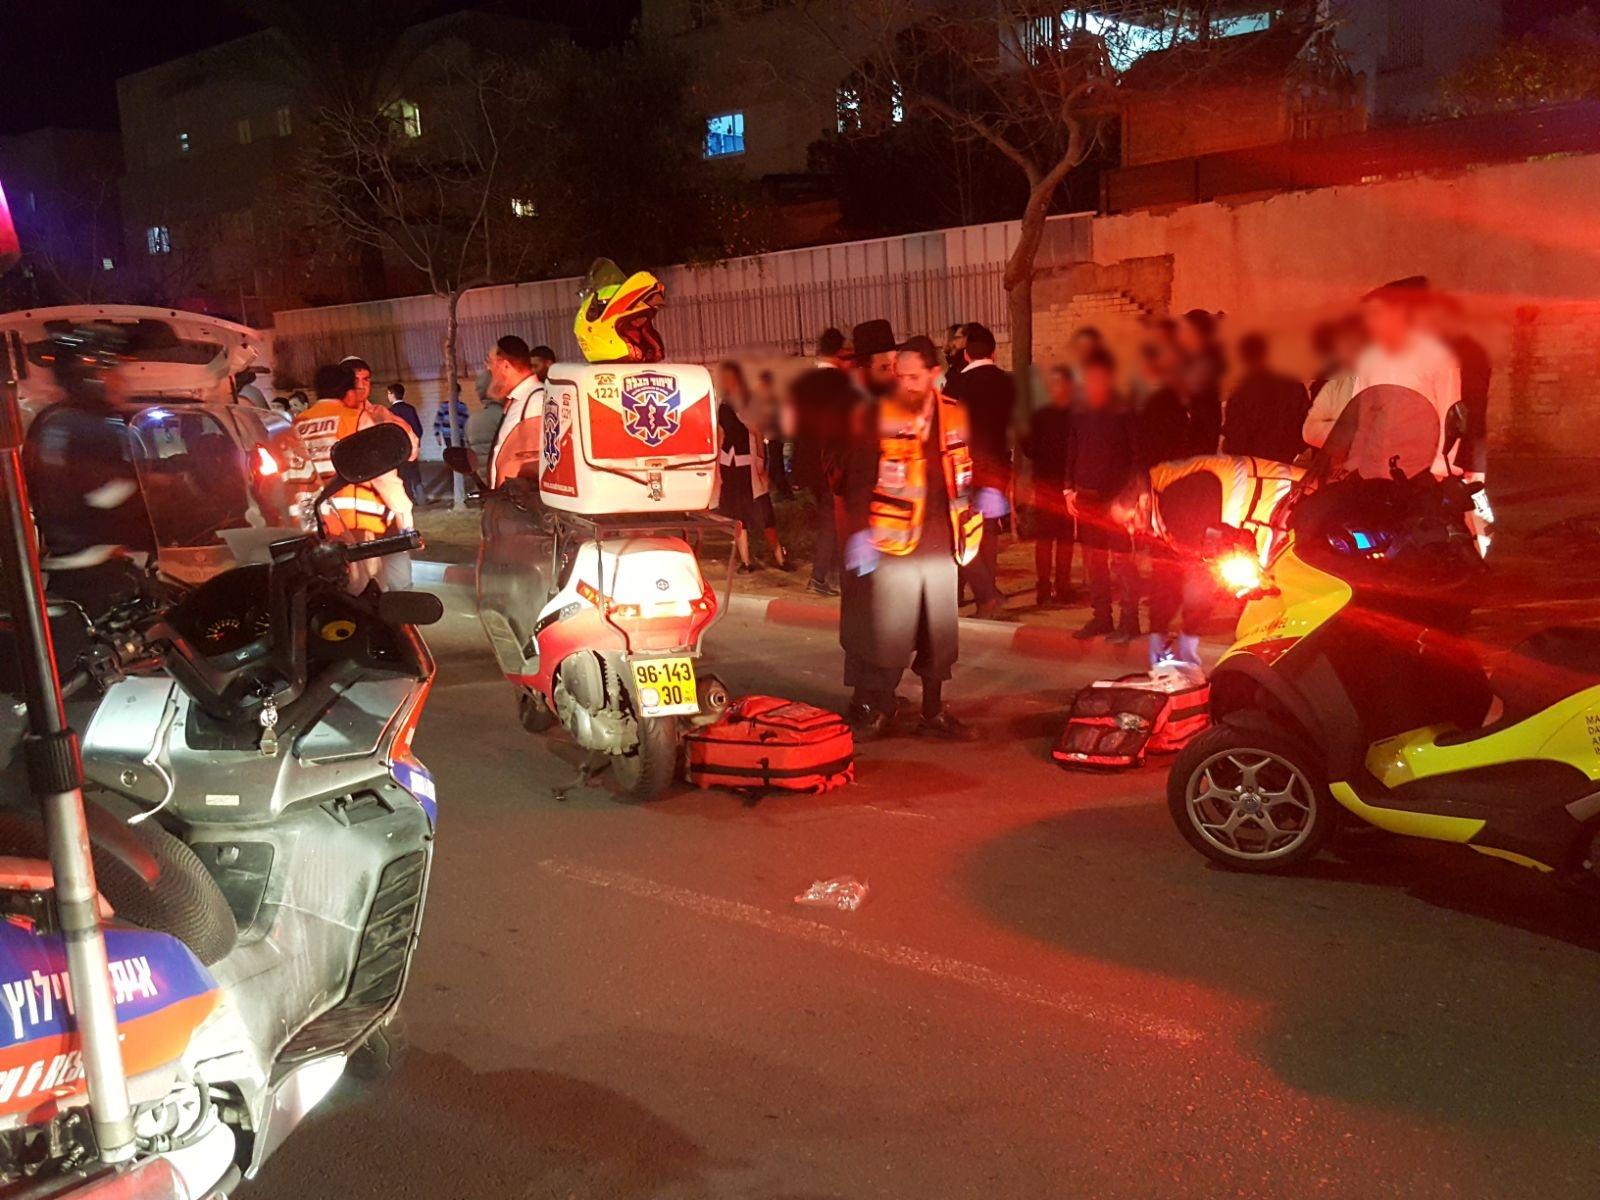 תוך 3 שעות: ילד נוסף נפצע קשה בתאונה